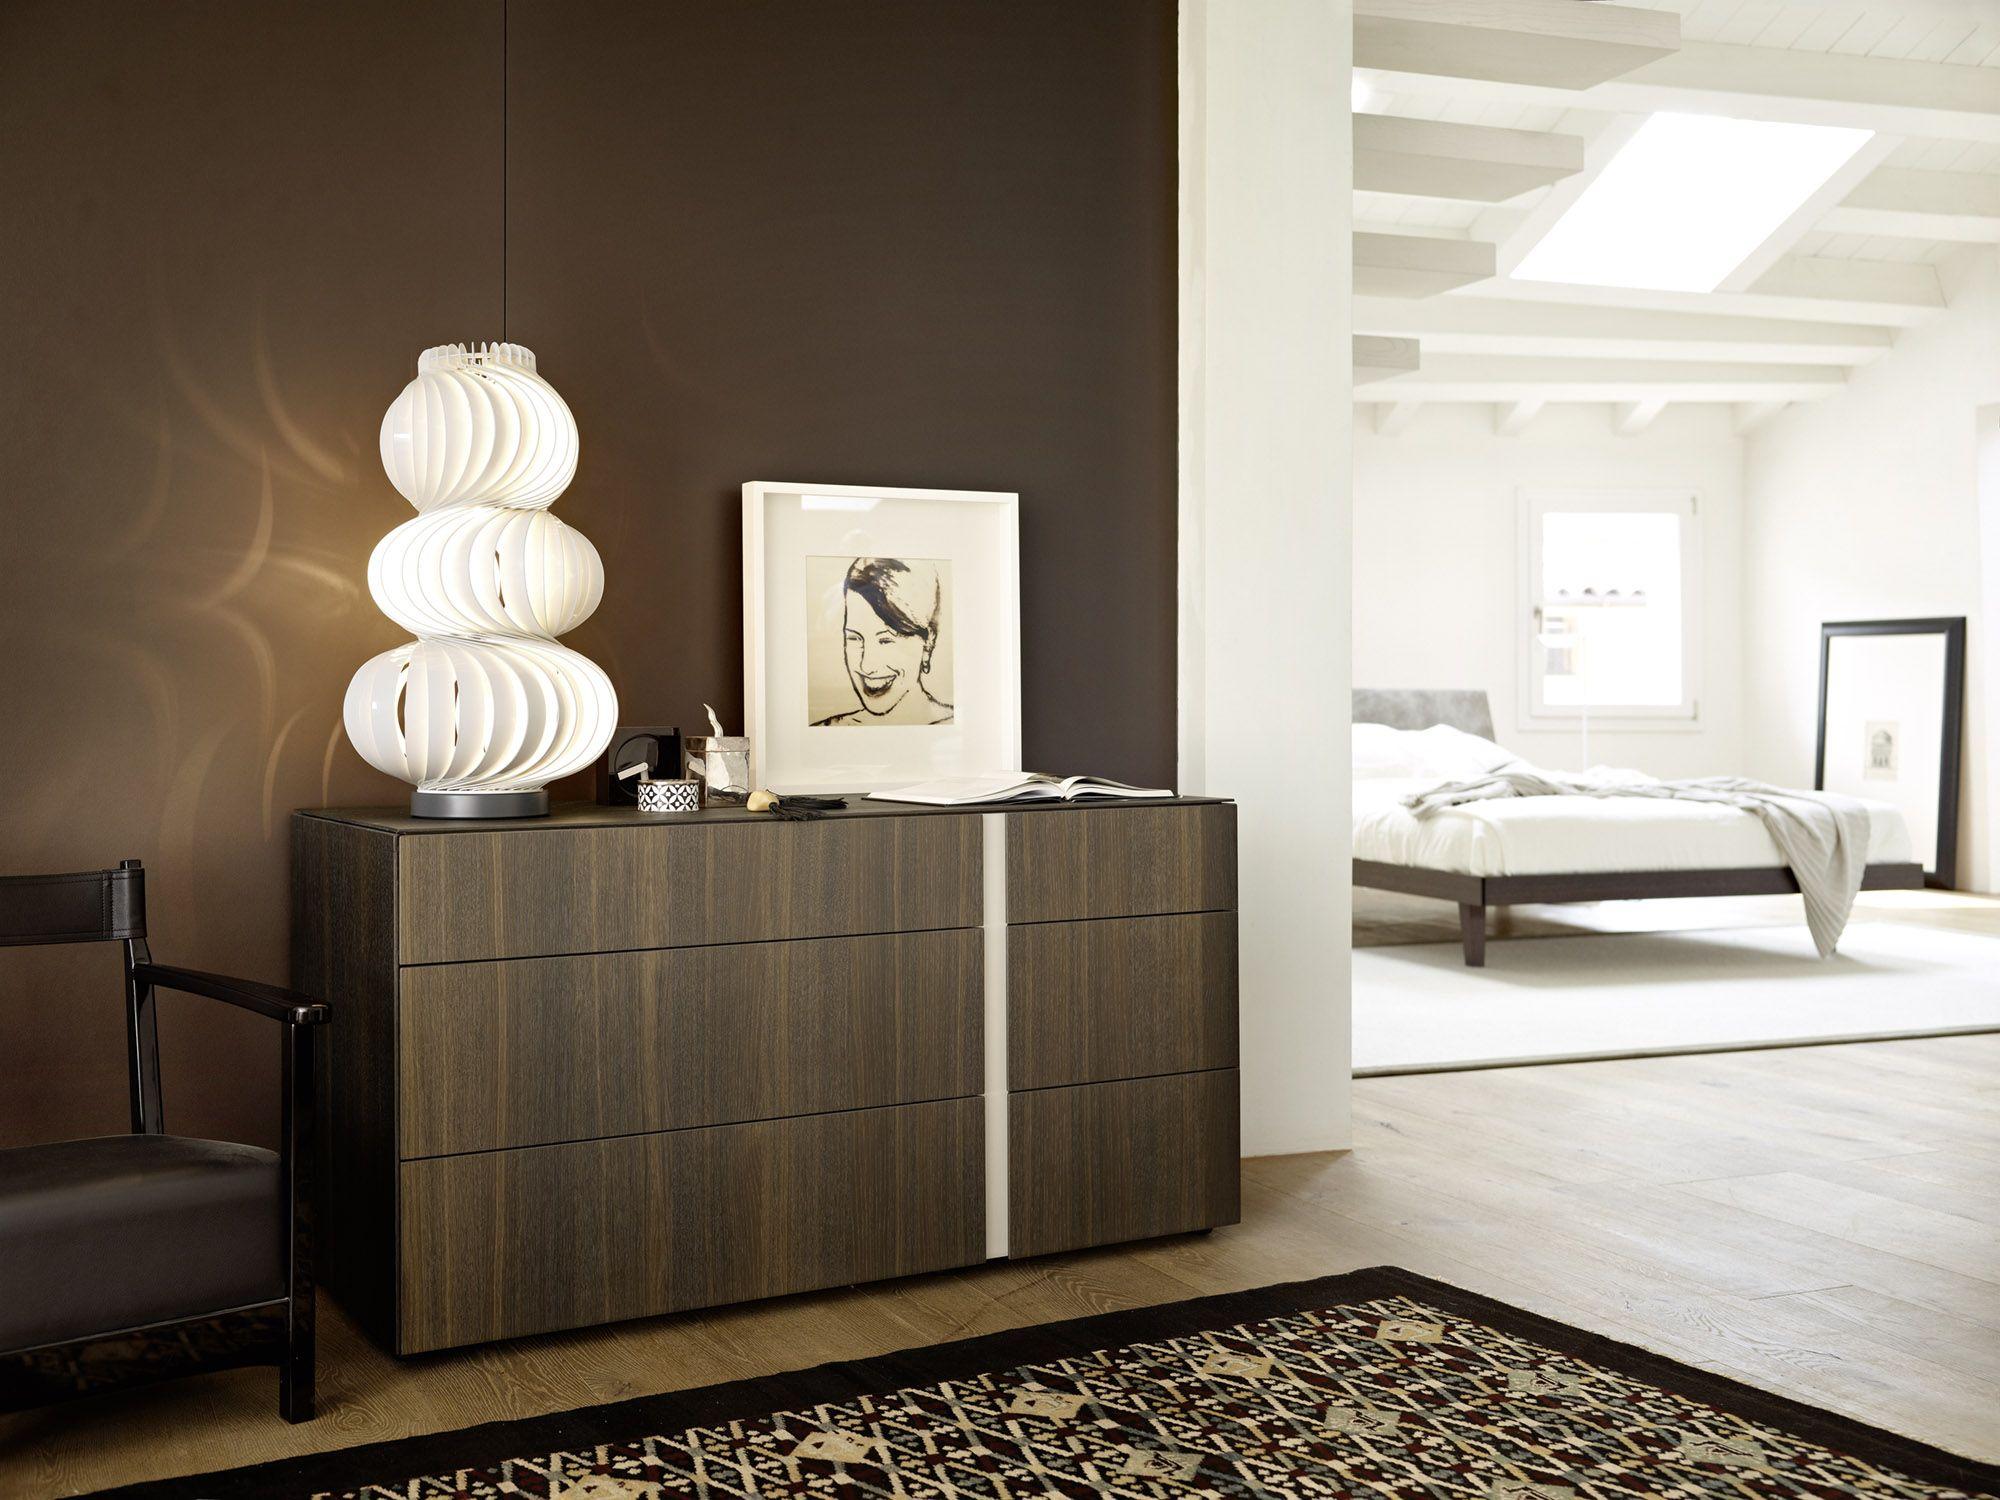 Die Moderne Holz Kommode Von Livitalia Ist Ein Dezenter Blickfang. #Kommode  #chestofdrawers #. Dresser FurnitureDressersDie ...